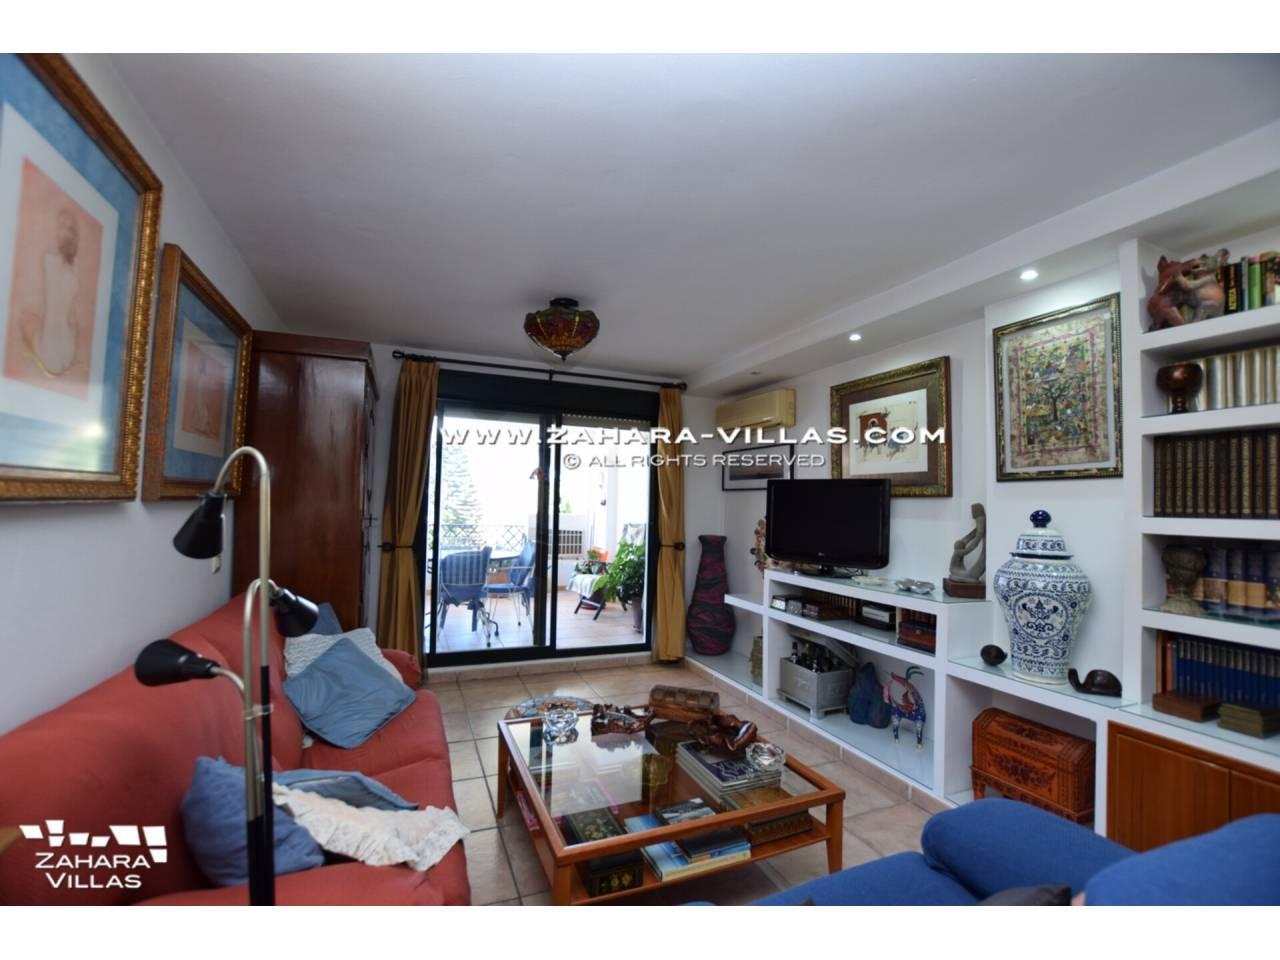 Imagen 7 de Apartamento en venta en urbanización Jardines de Zahara - Atlanterra